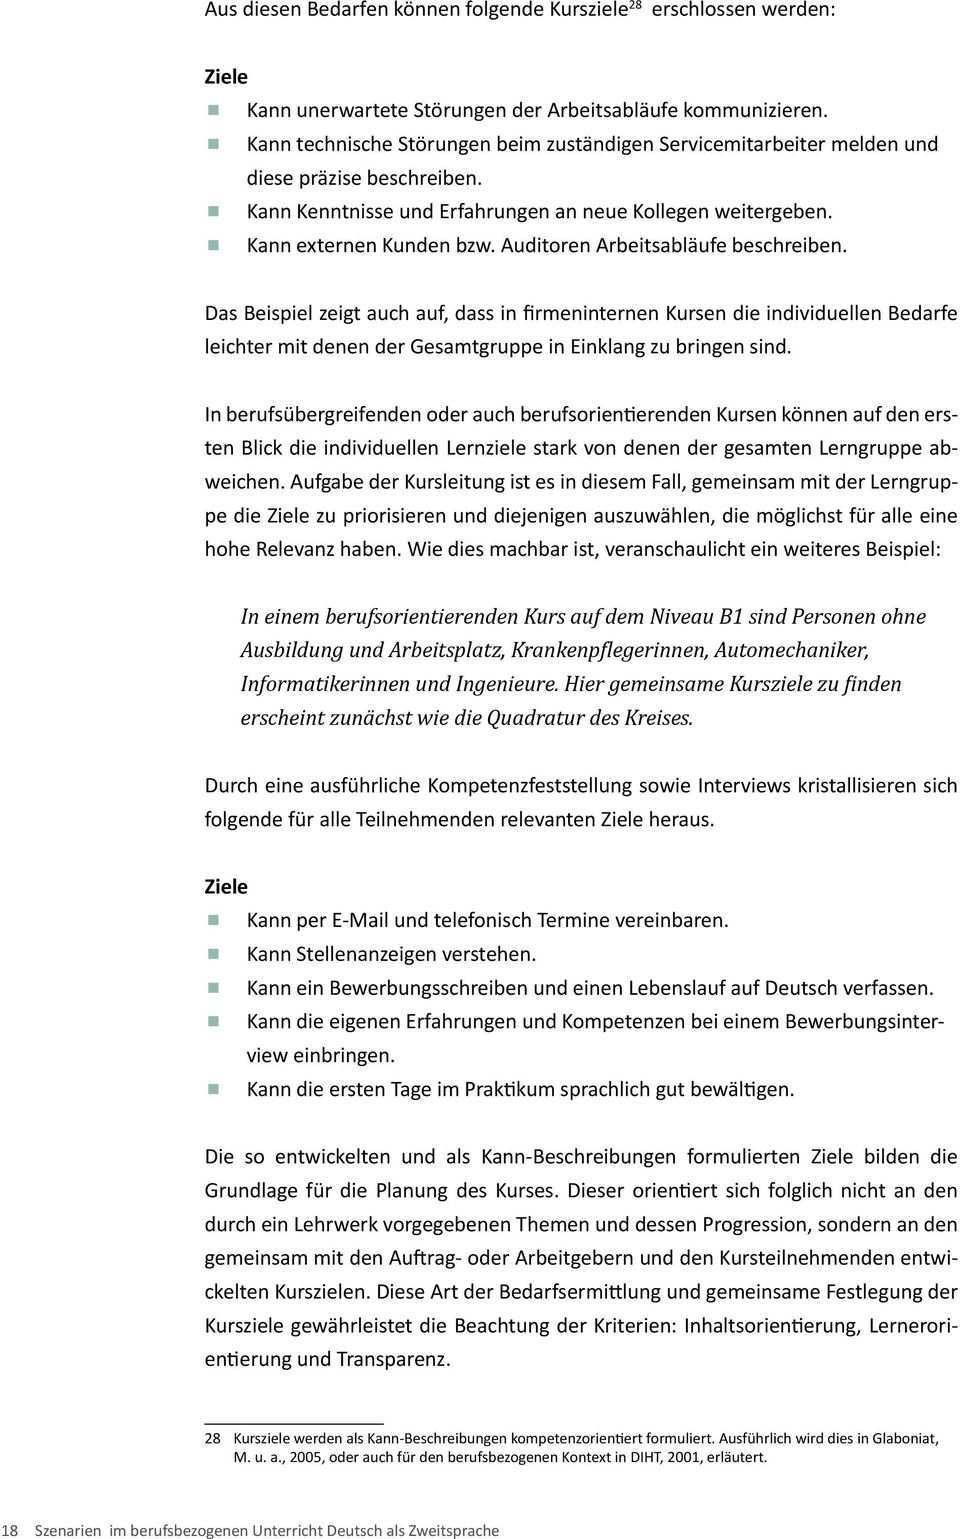 Szenarien Grundlagen Anwendungen Praxisbeispiele Im Berufsbezogenen Unterricht Deutsch Als Zweitsprache Szene Pdf Kostenfreier Download